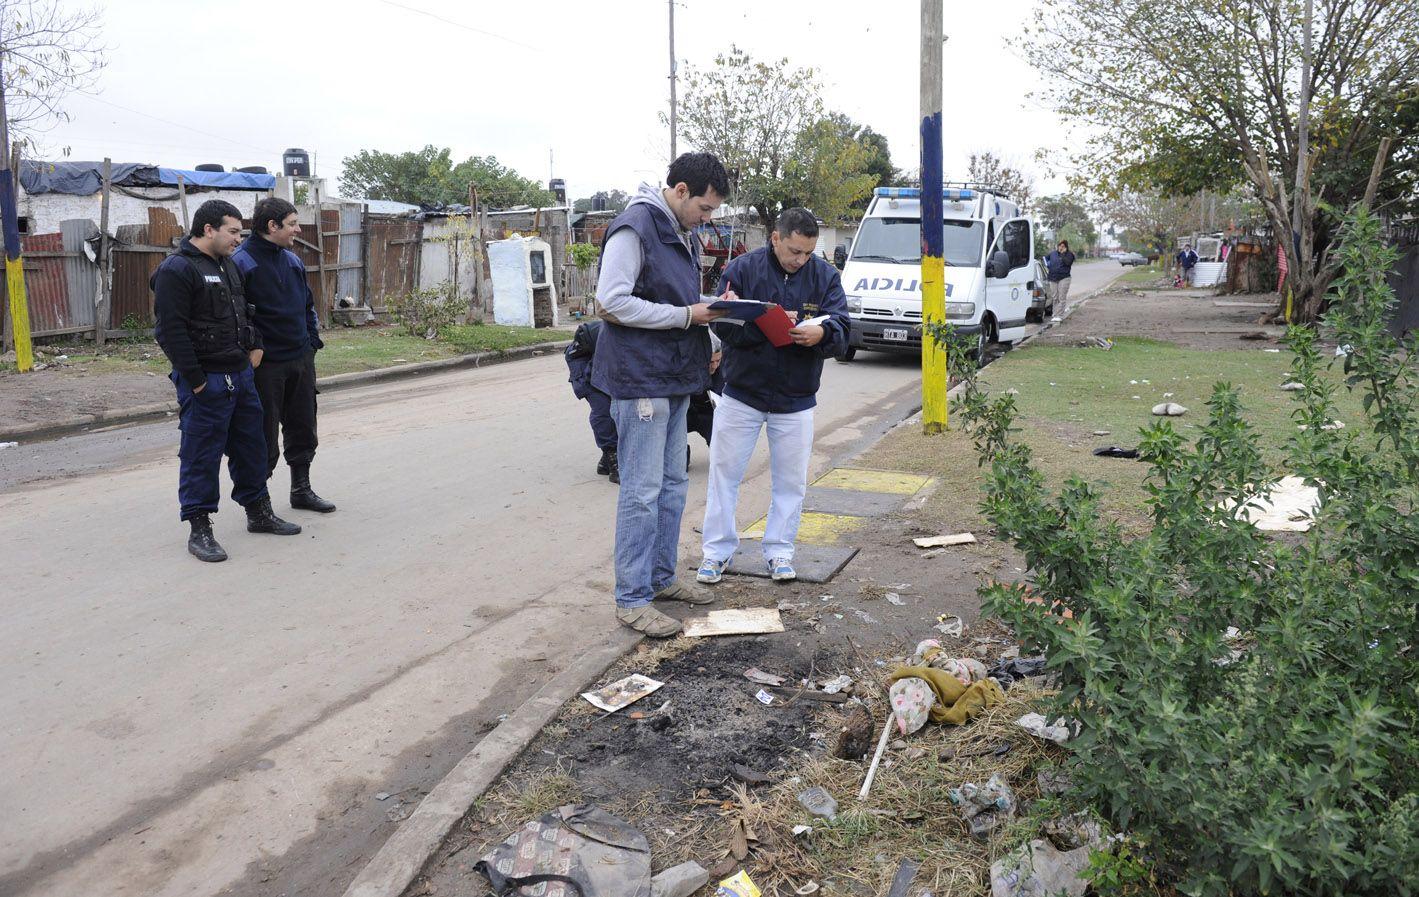 El 18 de mayo la policía levantó rastros en la esquina de Rodríguez y Garibaldi donde asesinaron a Raúl Navarro.